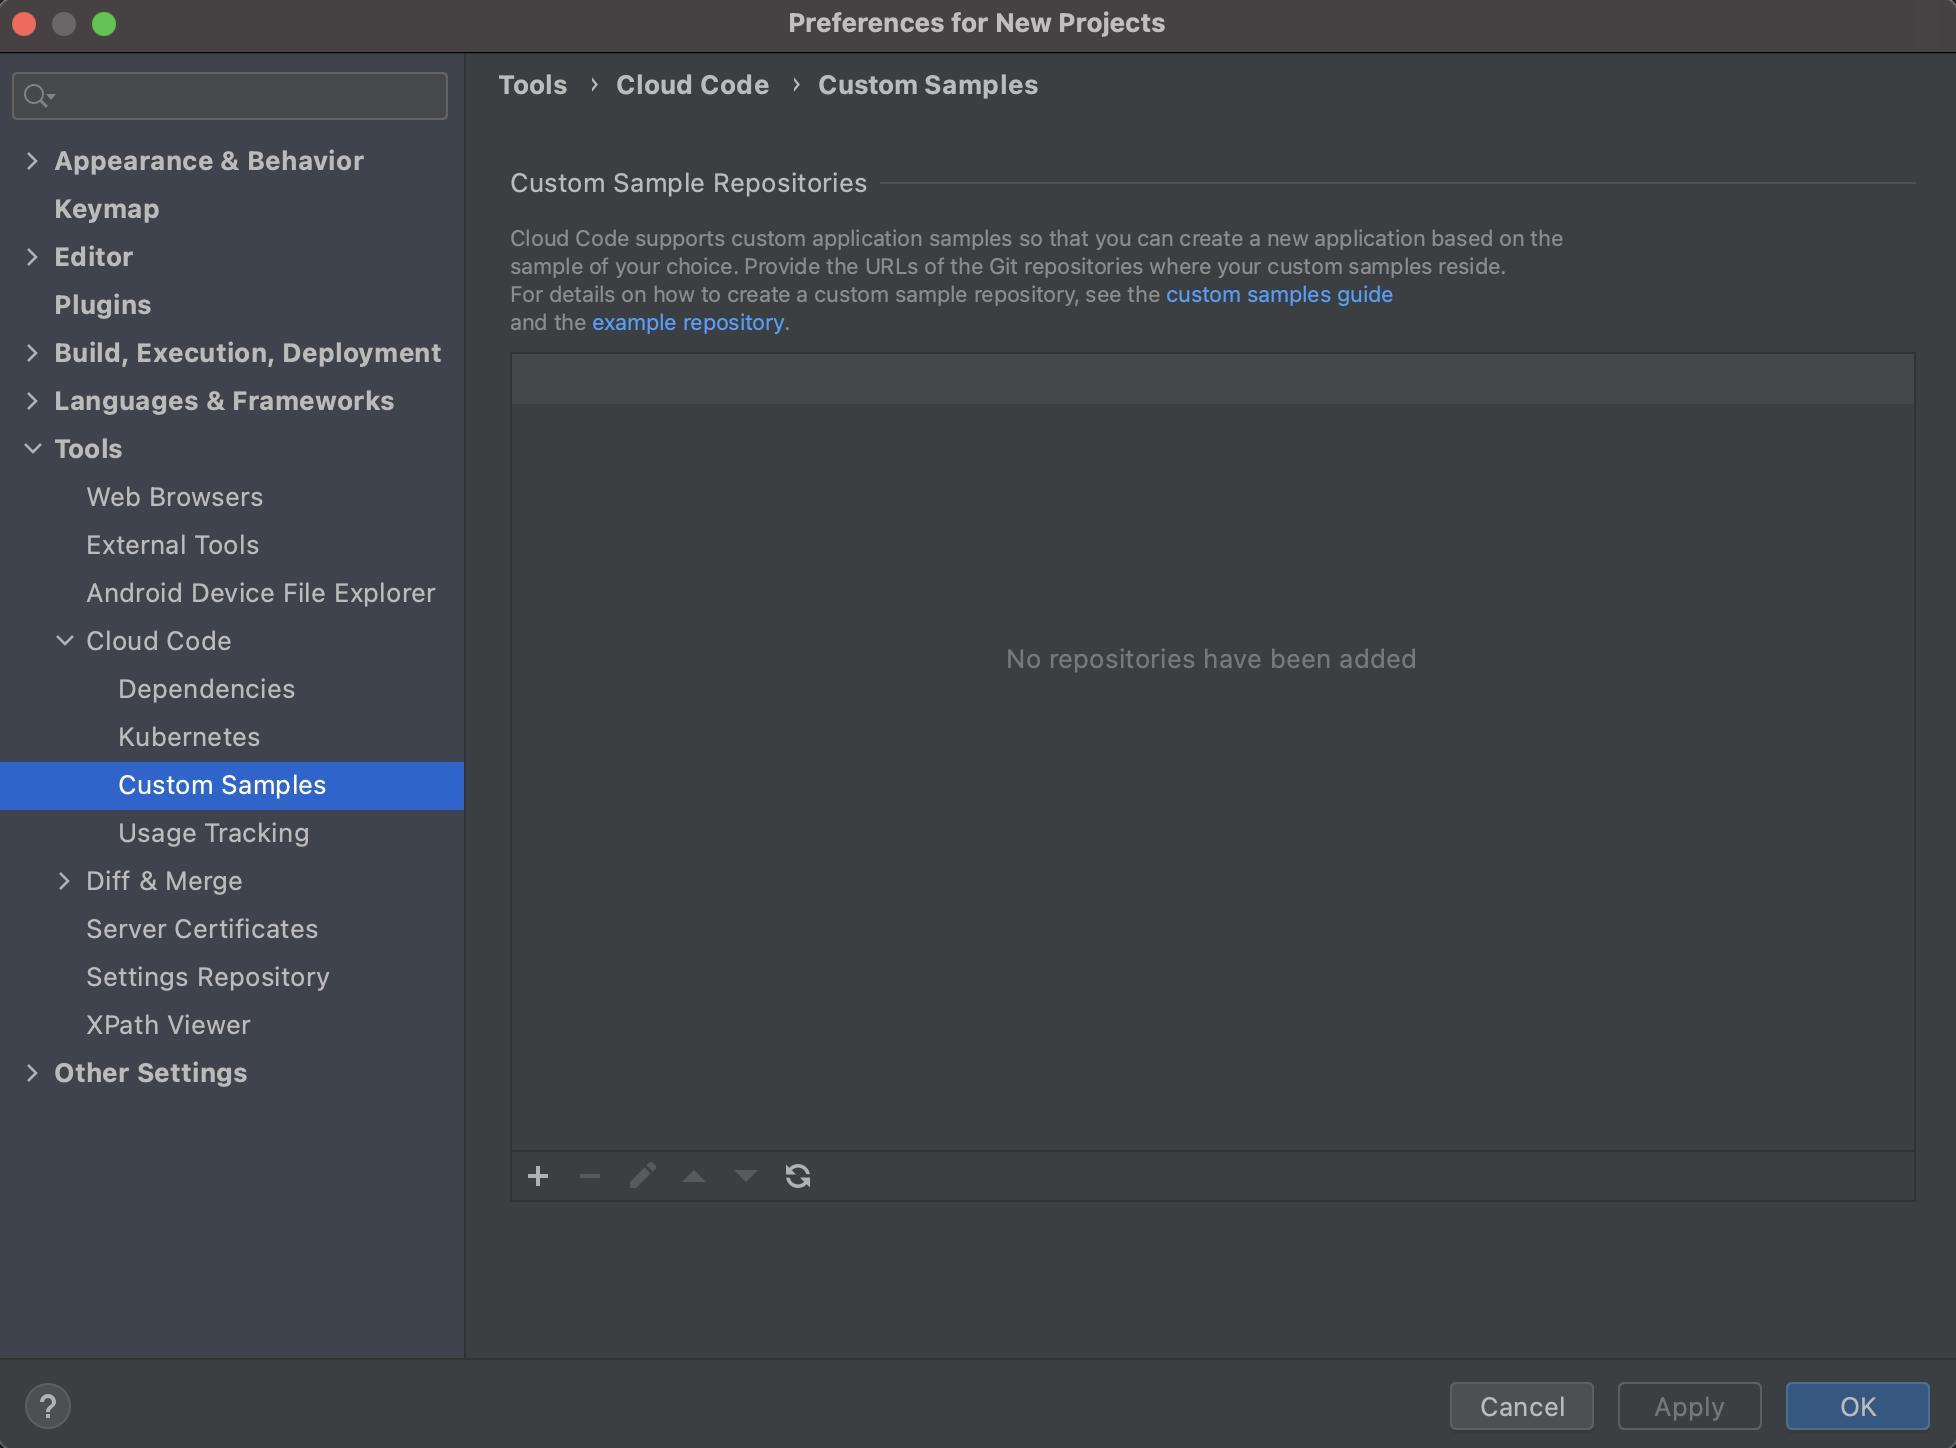 Página de repositorios de muestra de una aplicación personalizada con una tabla con columnas, la URL del repositorio y la rama